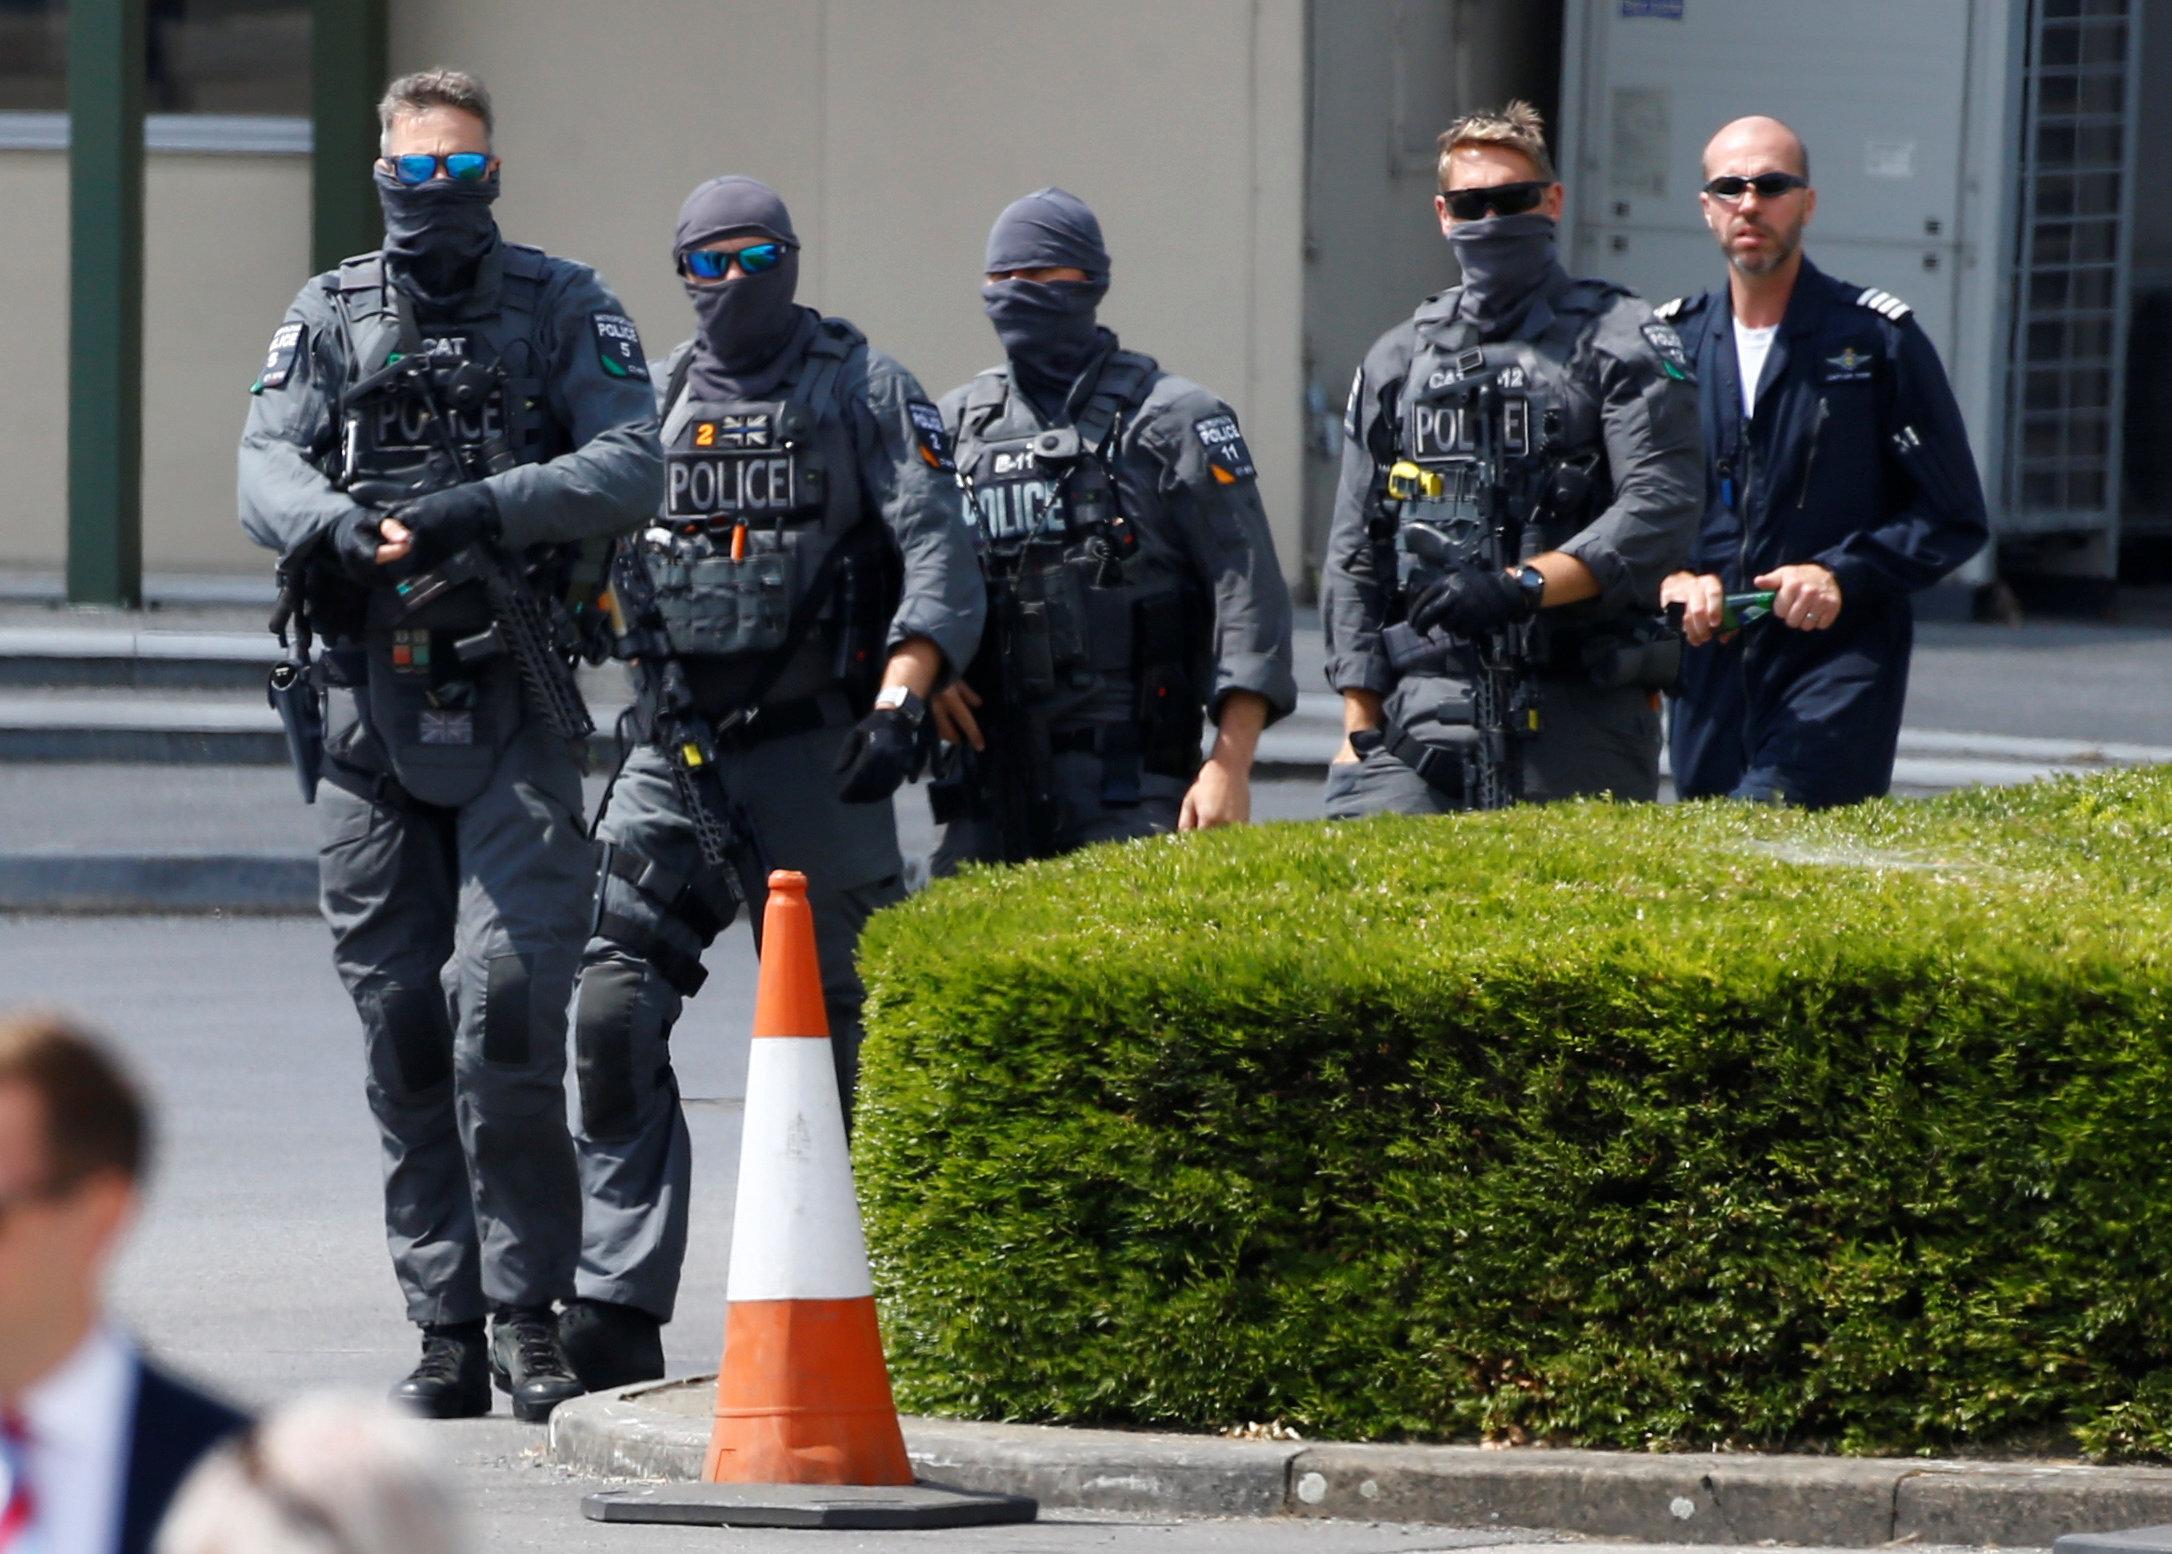 الشرطة المسلحة تنتظر وصول الرئيس الأمريكيى